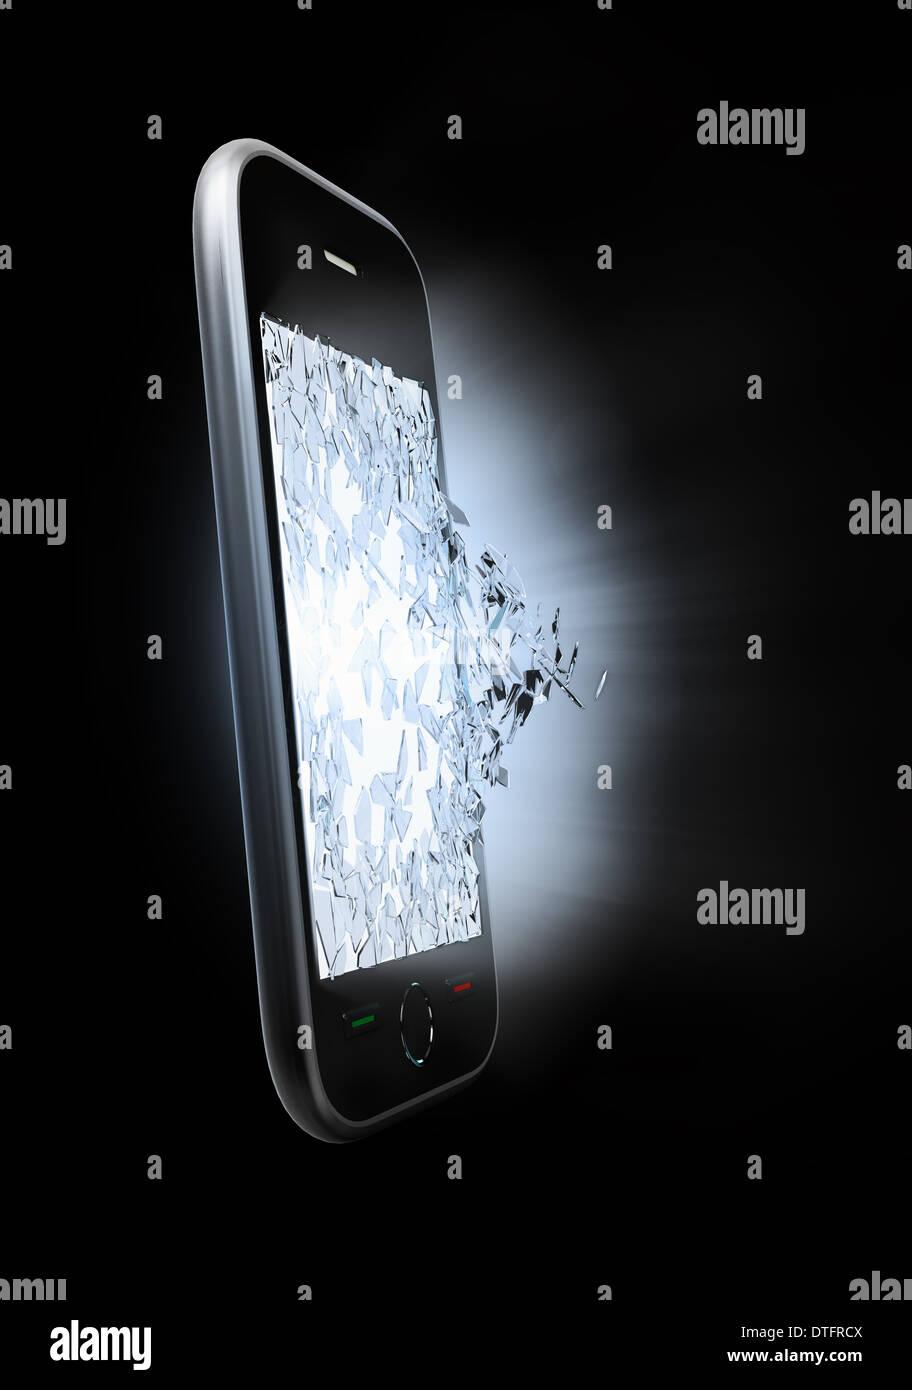 Un telefono intelligente schermo vada in frantumi Immagini Stock